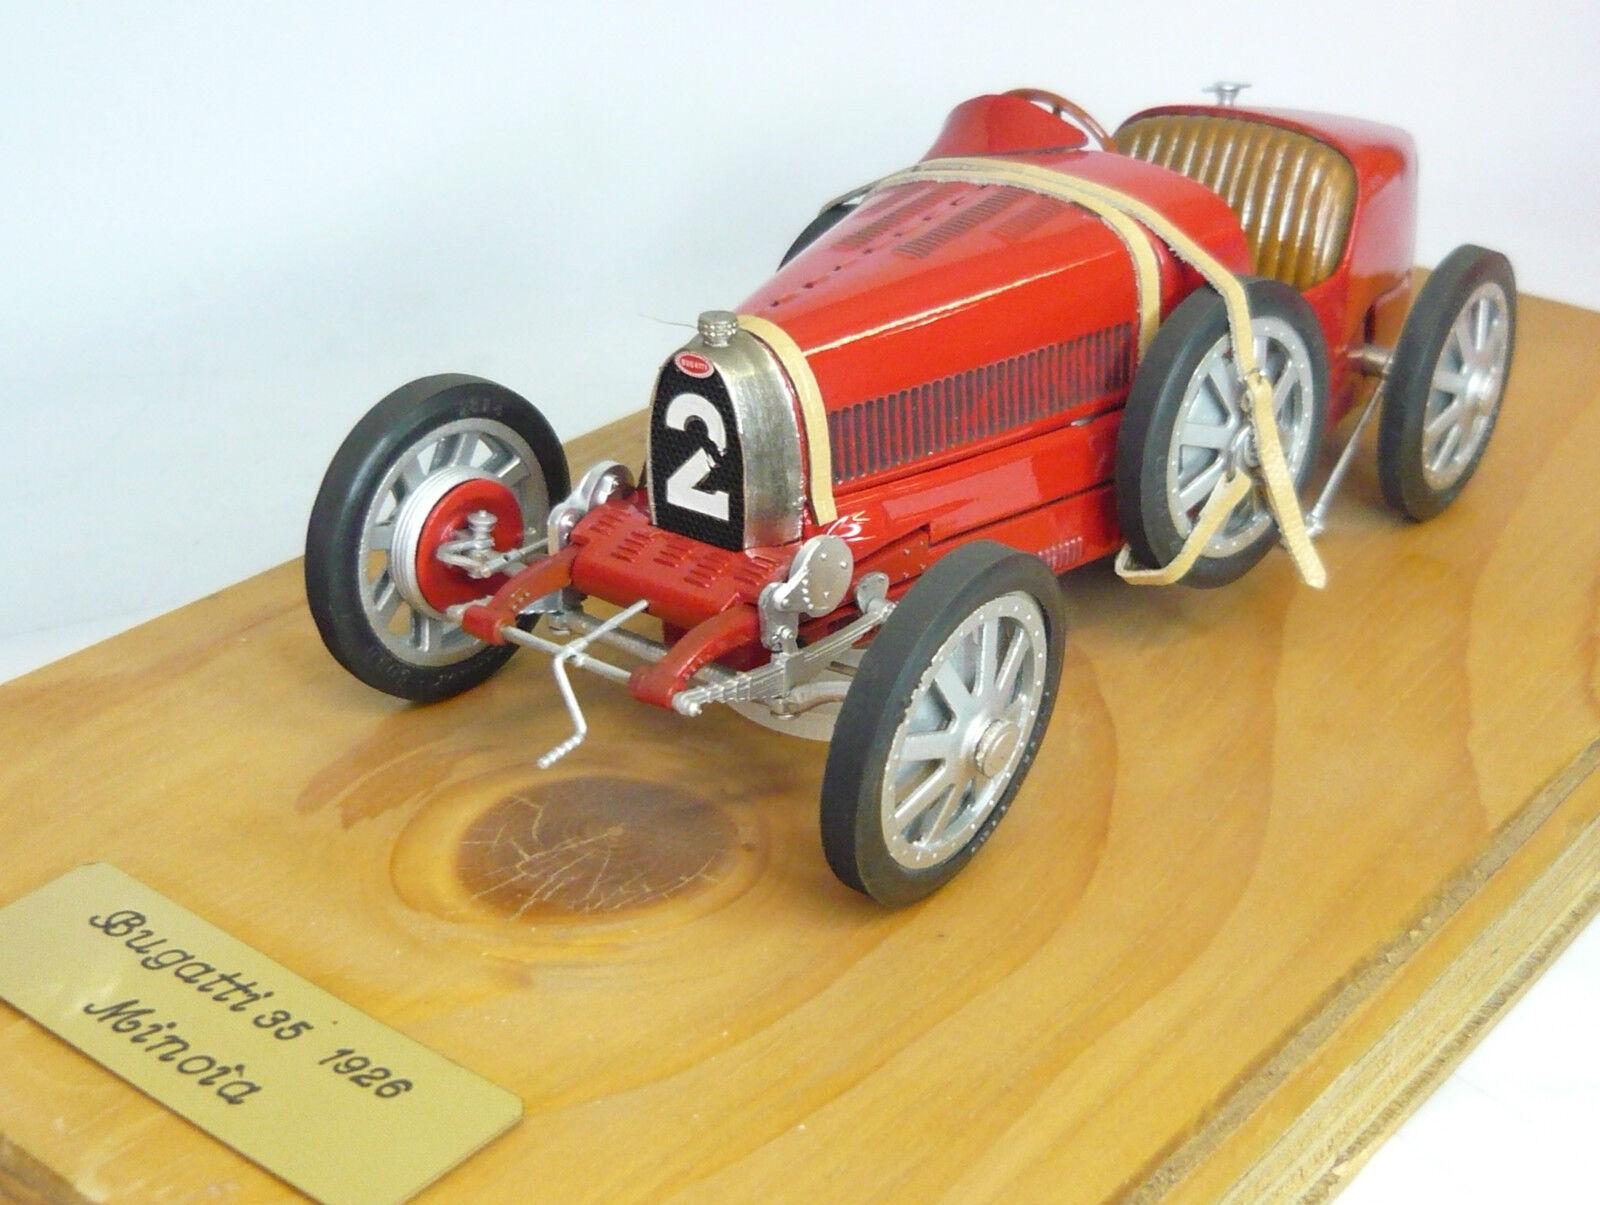 mejor calidad mejor precio Revival Bugatti 35 minoia  2 1926 1 1 1 20 listo modelo nuevo & en embalaje original  Sin impuestos